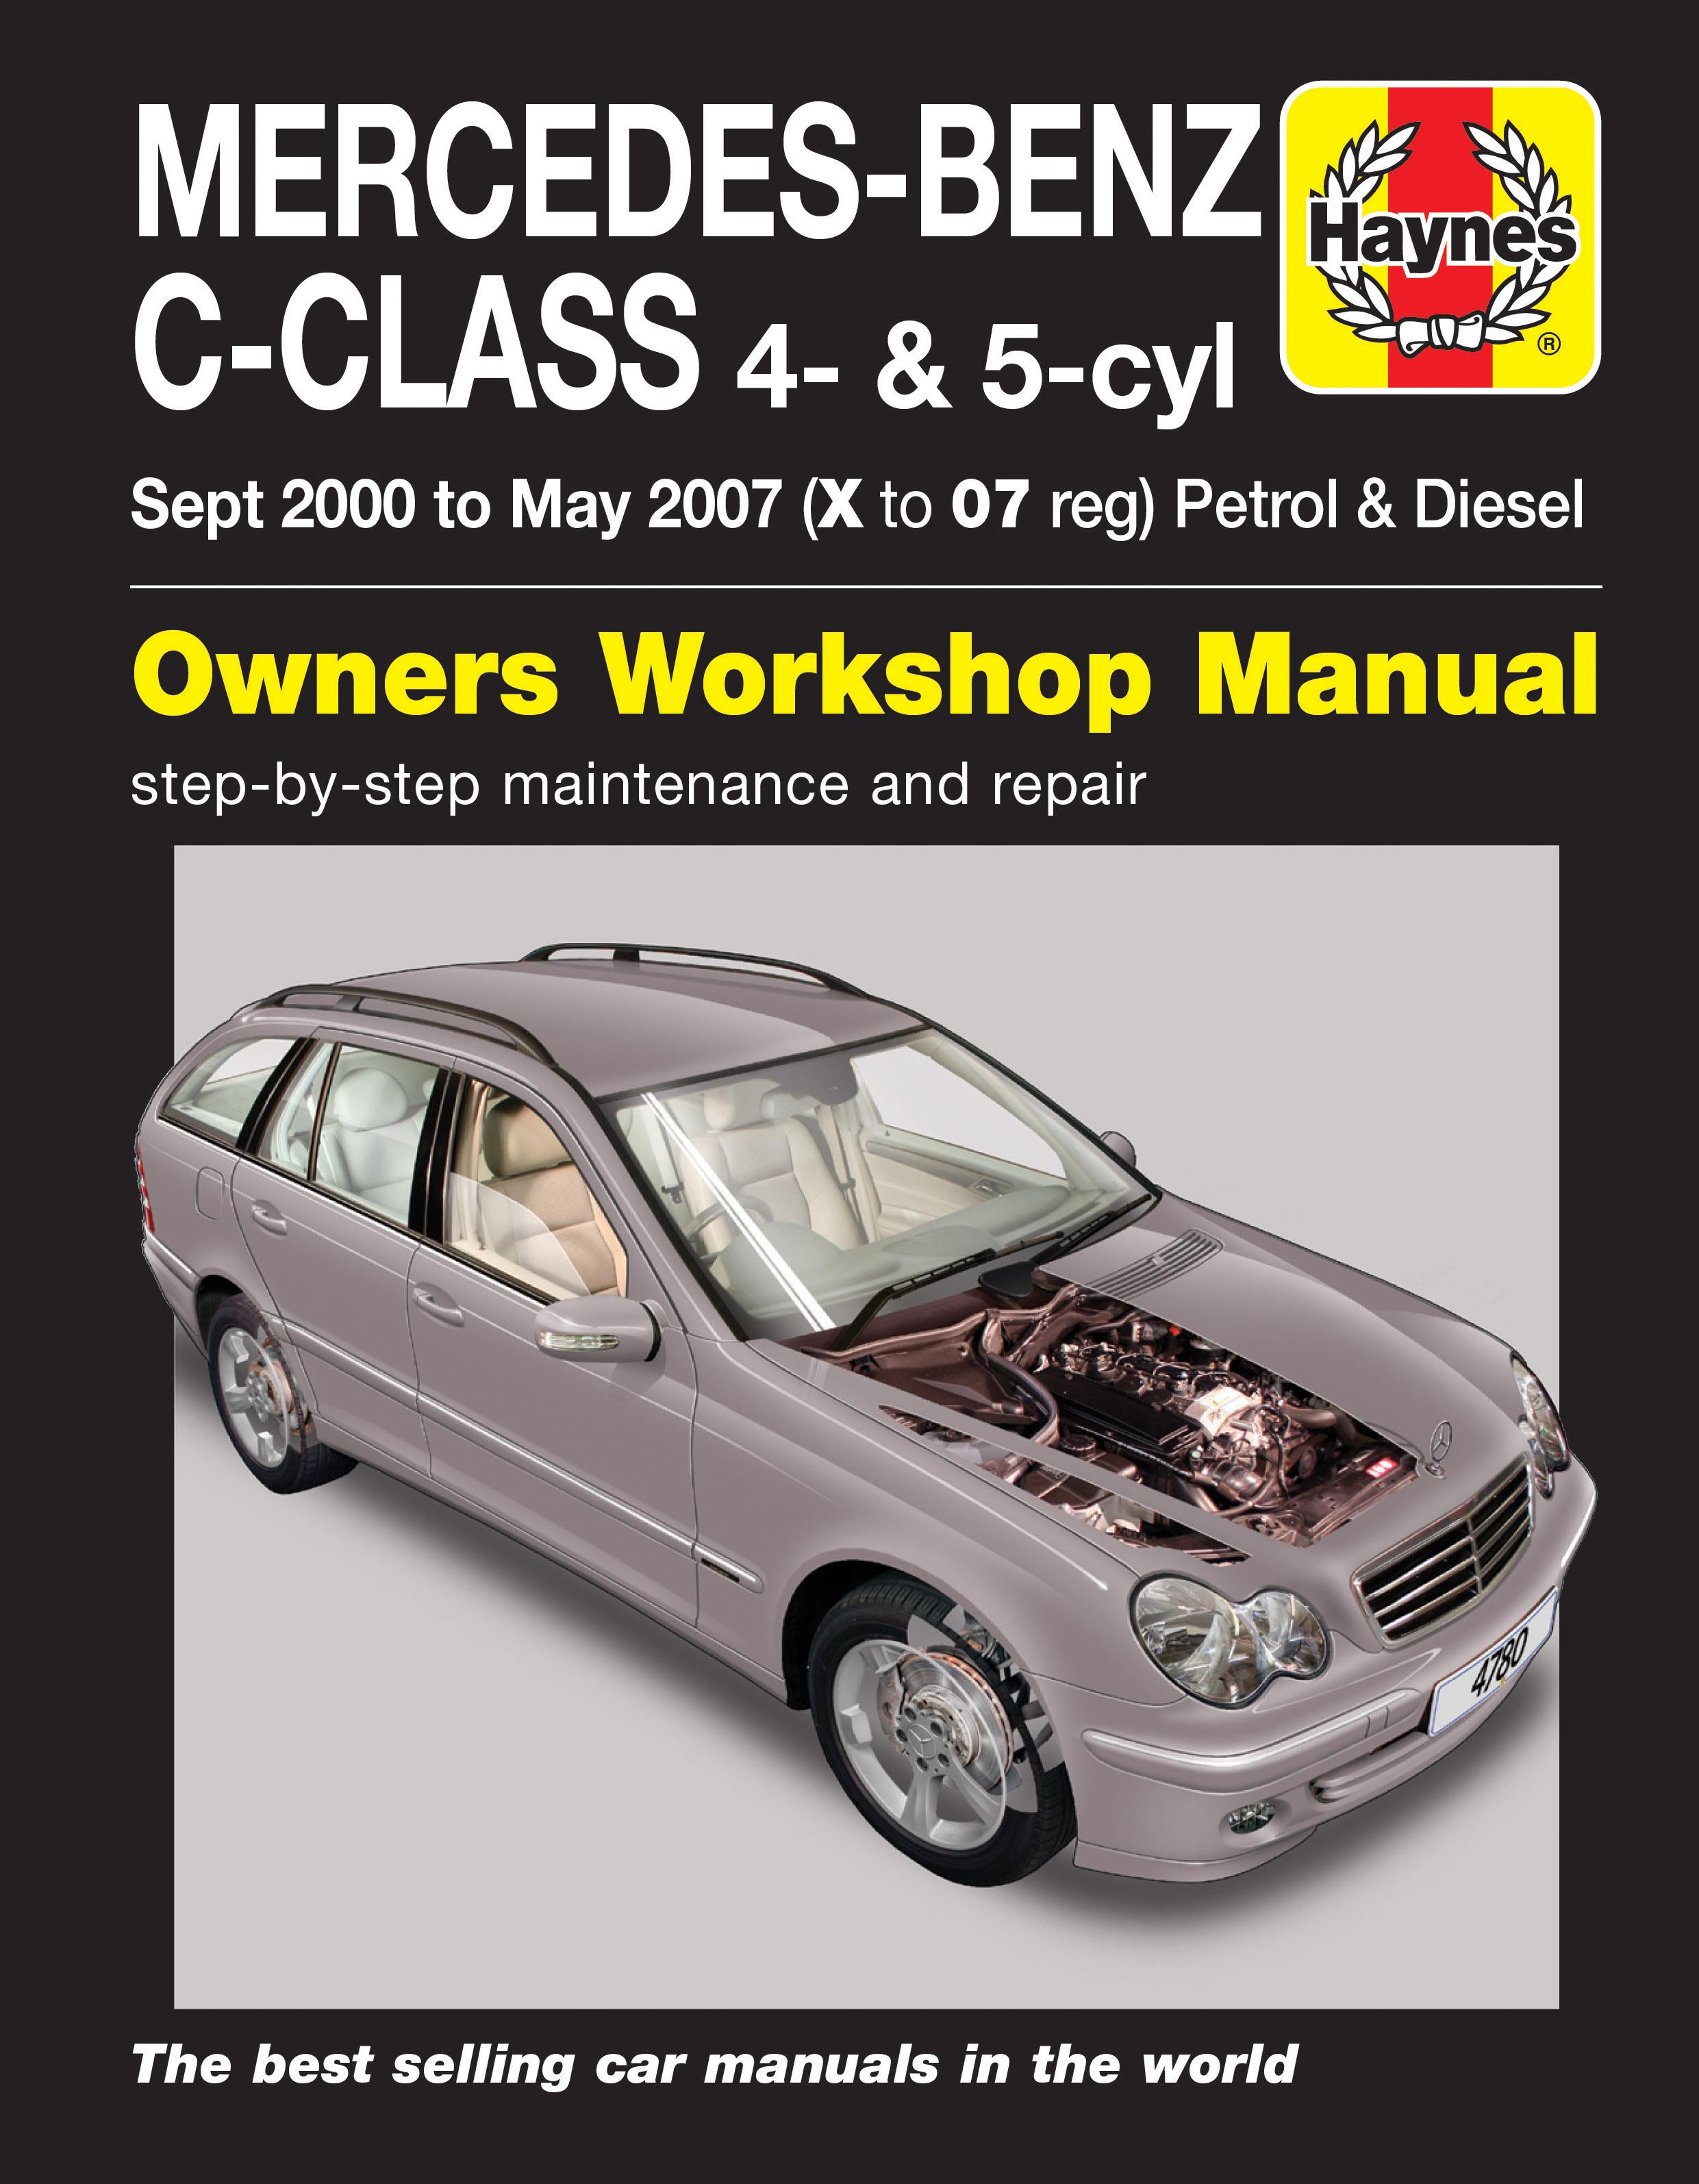 Mercedes-Benz C-Class (2000 - 2007) Repair Manuals